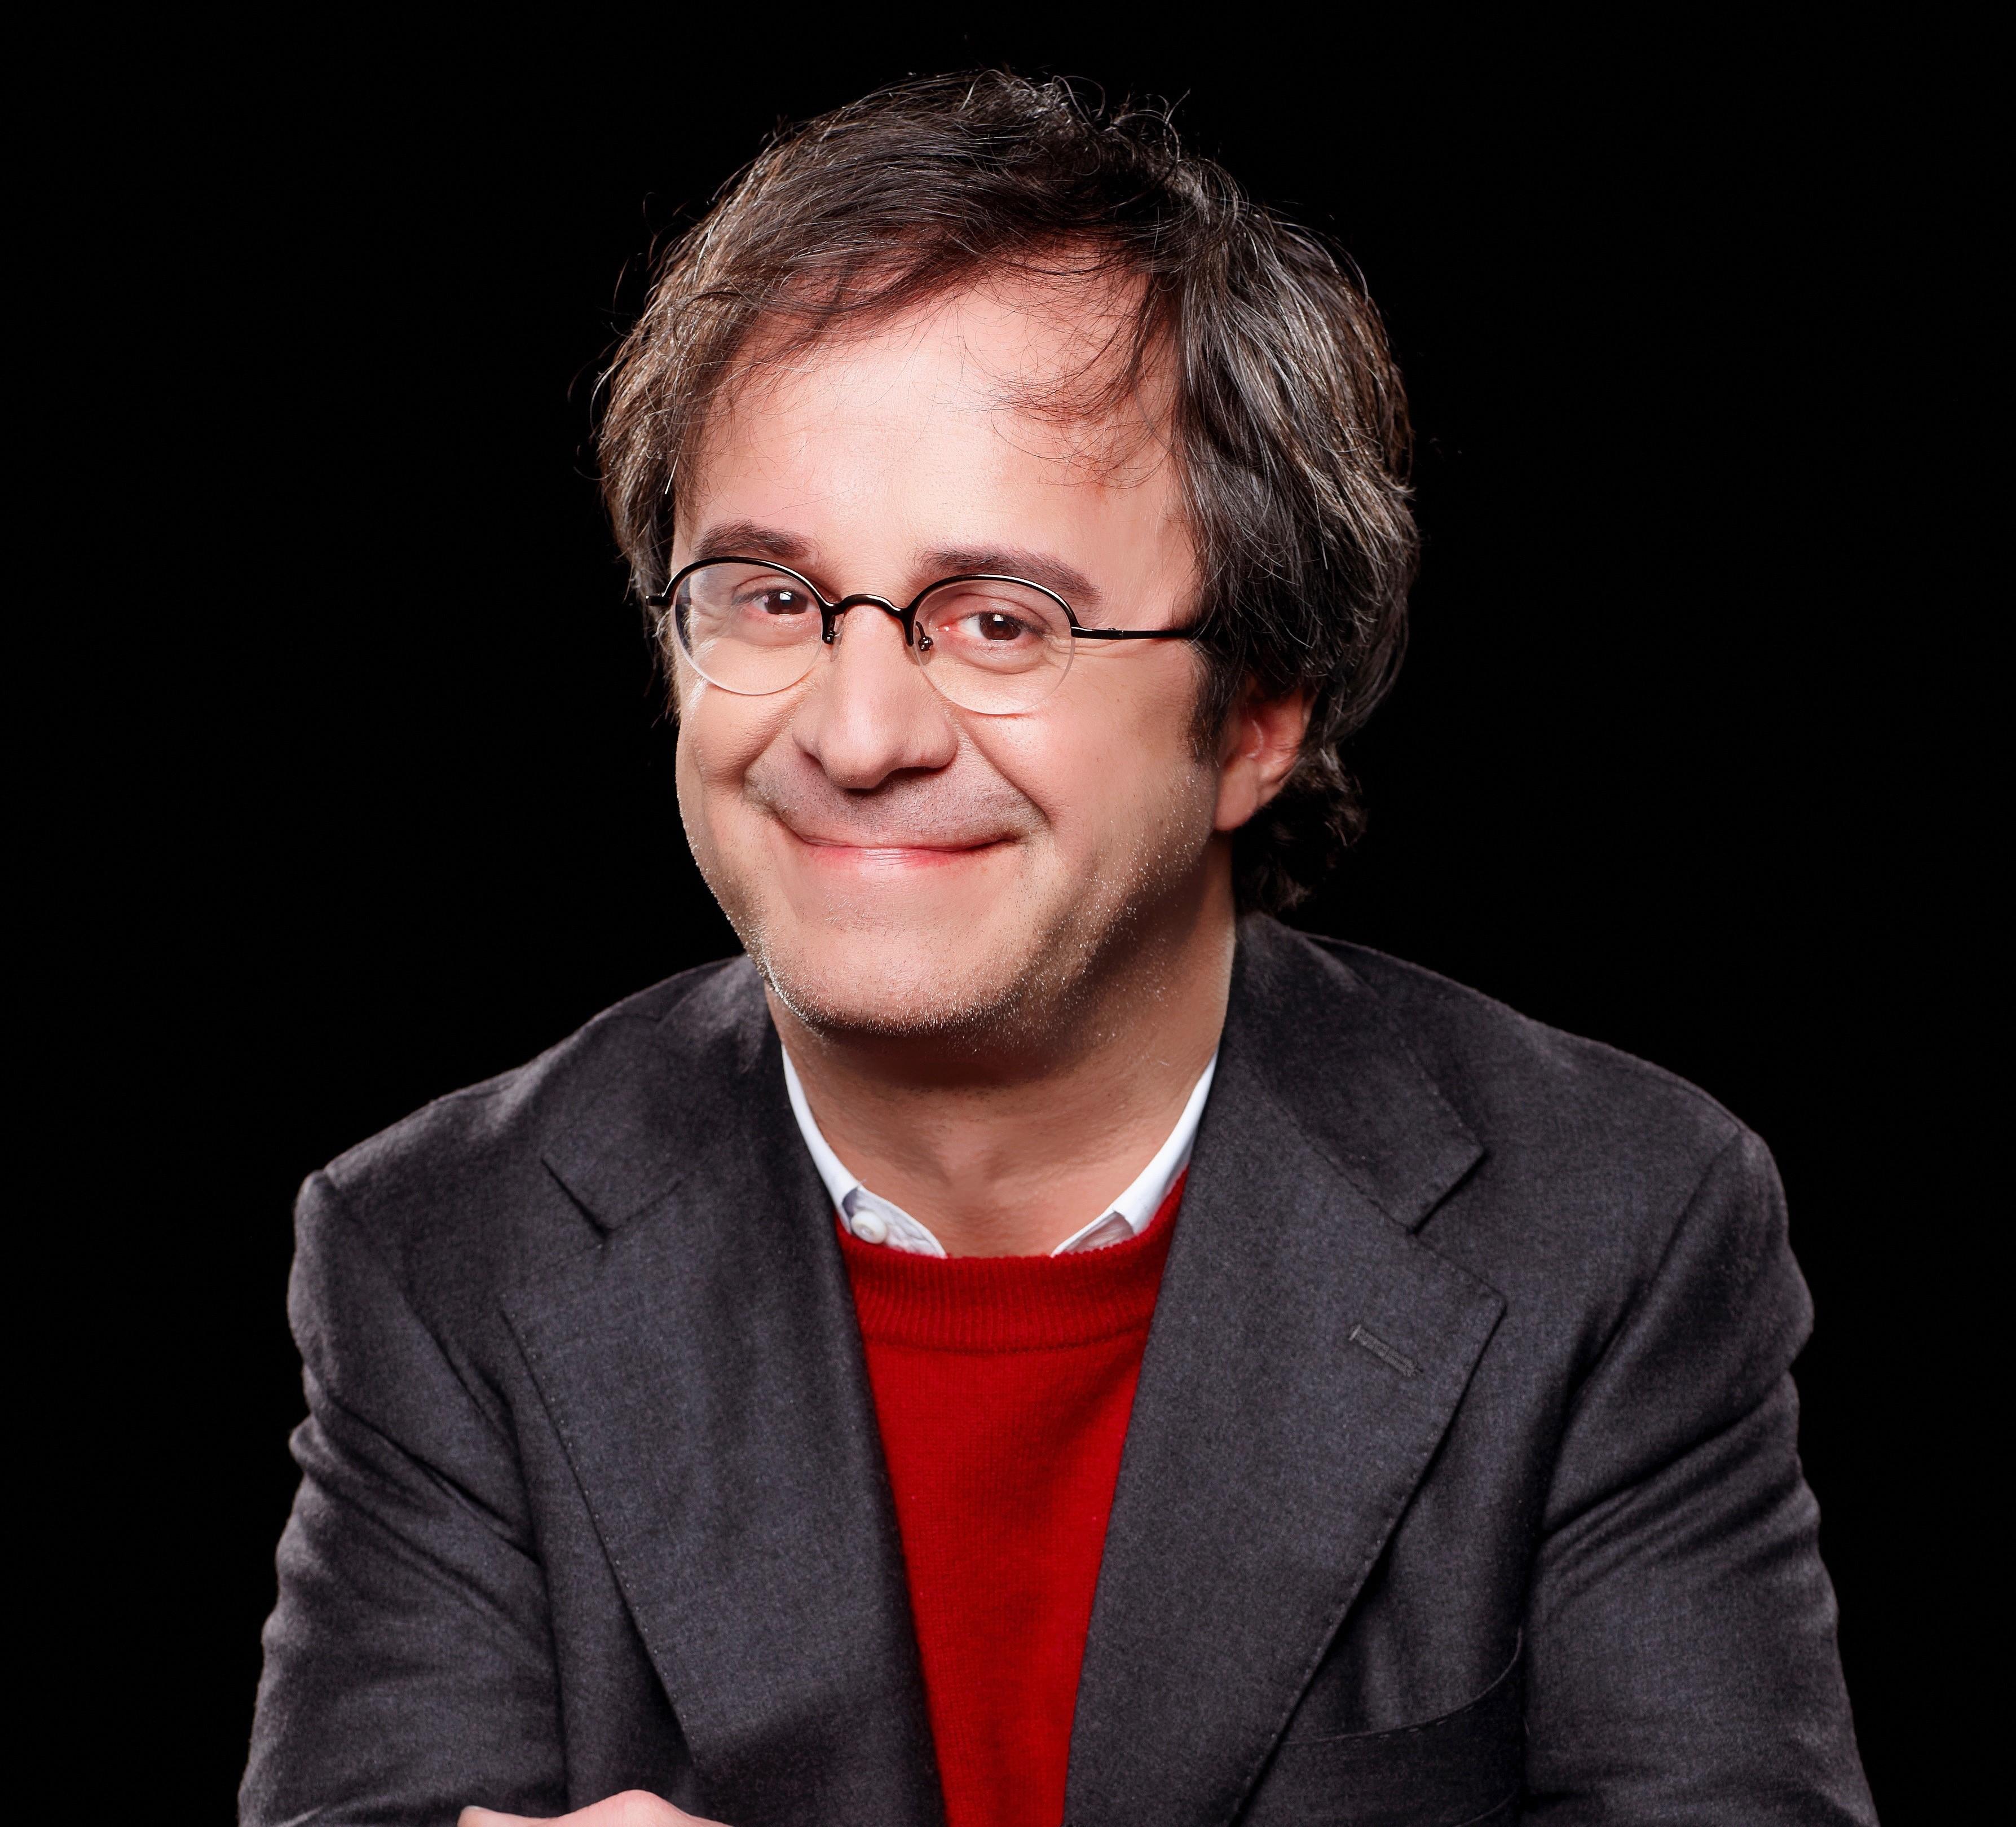 Stéphane Laporte